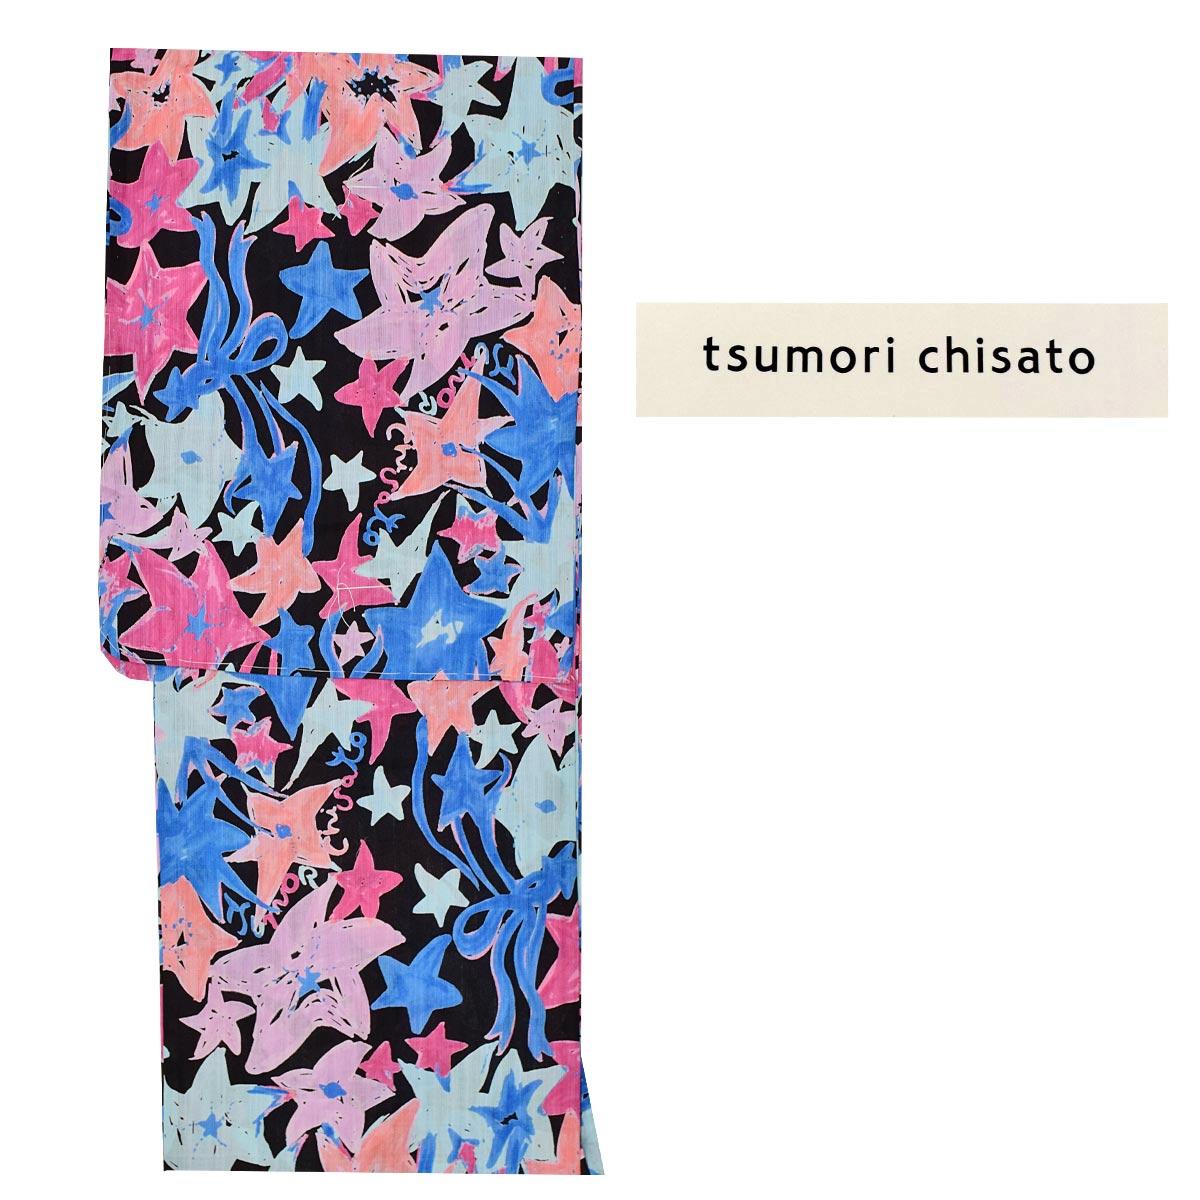 《30%オフクーポン利用可》お買い物マラソンtsumori chisato ブランド レディース 浴衣 単品 ツモリチサト 星 黒 青 ピンク番号c2-32